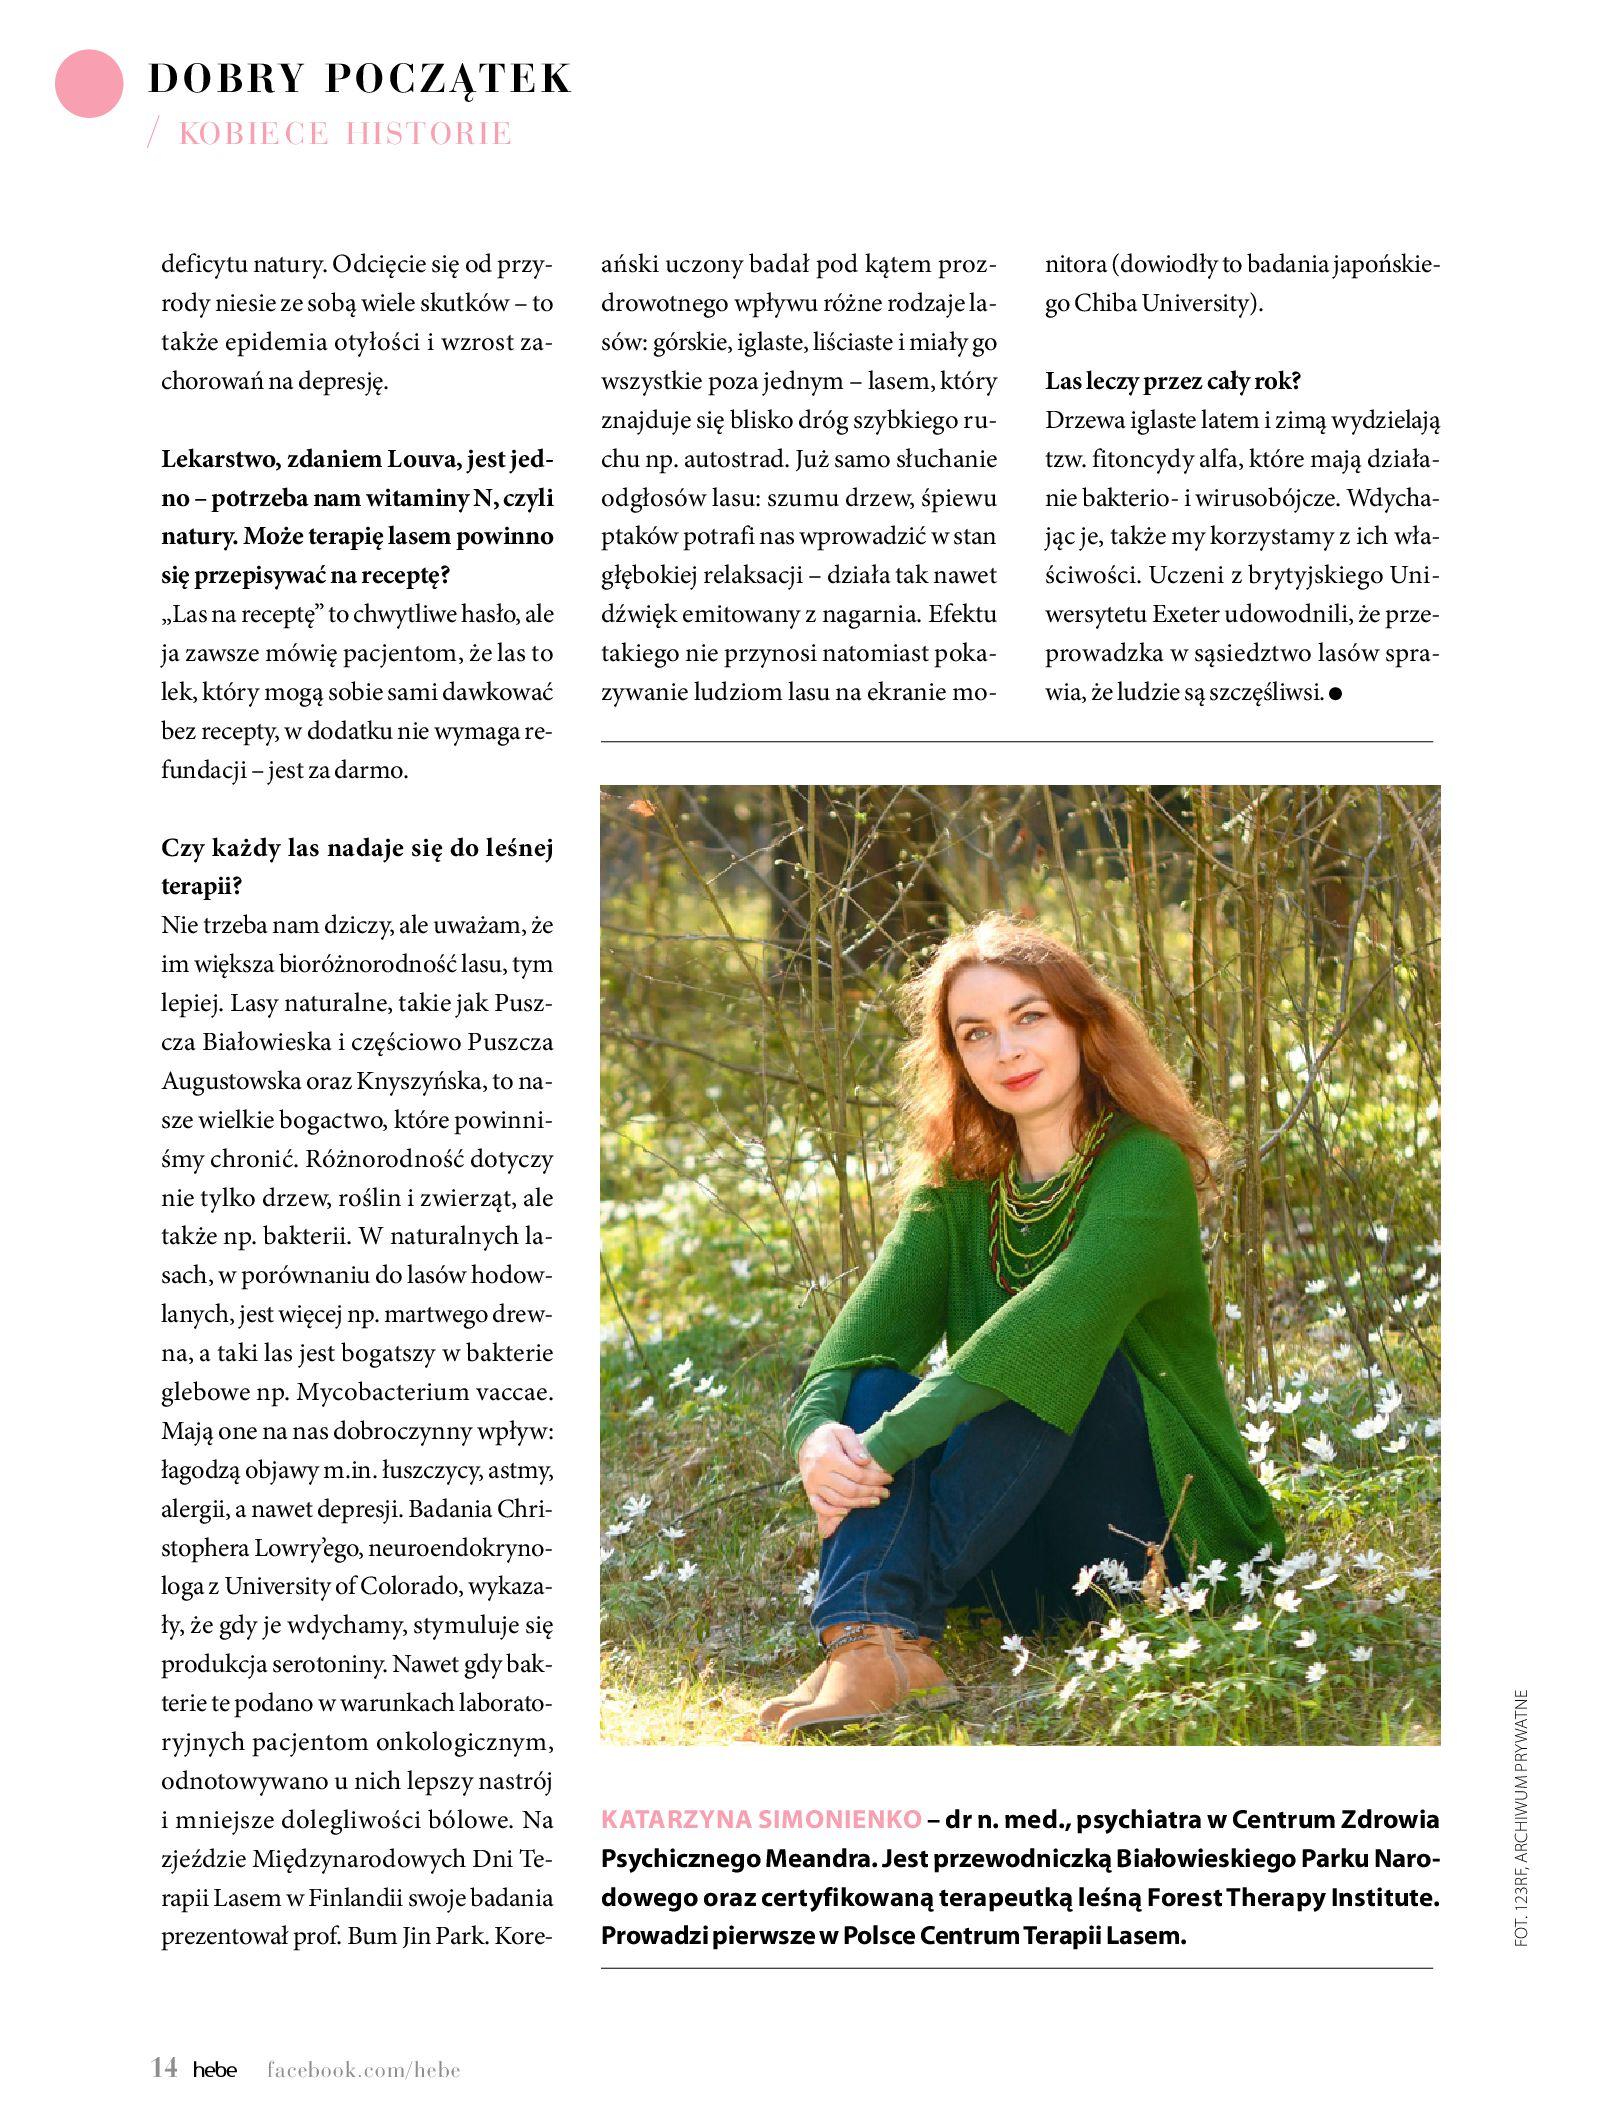 Gazetka hebe - Magazyn Hebe-30.06.2020-31.08.2020-page-14